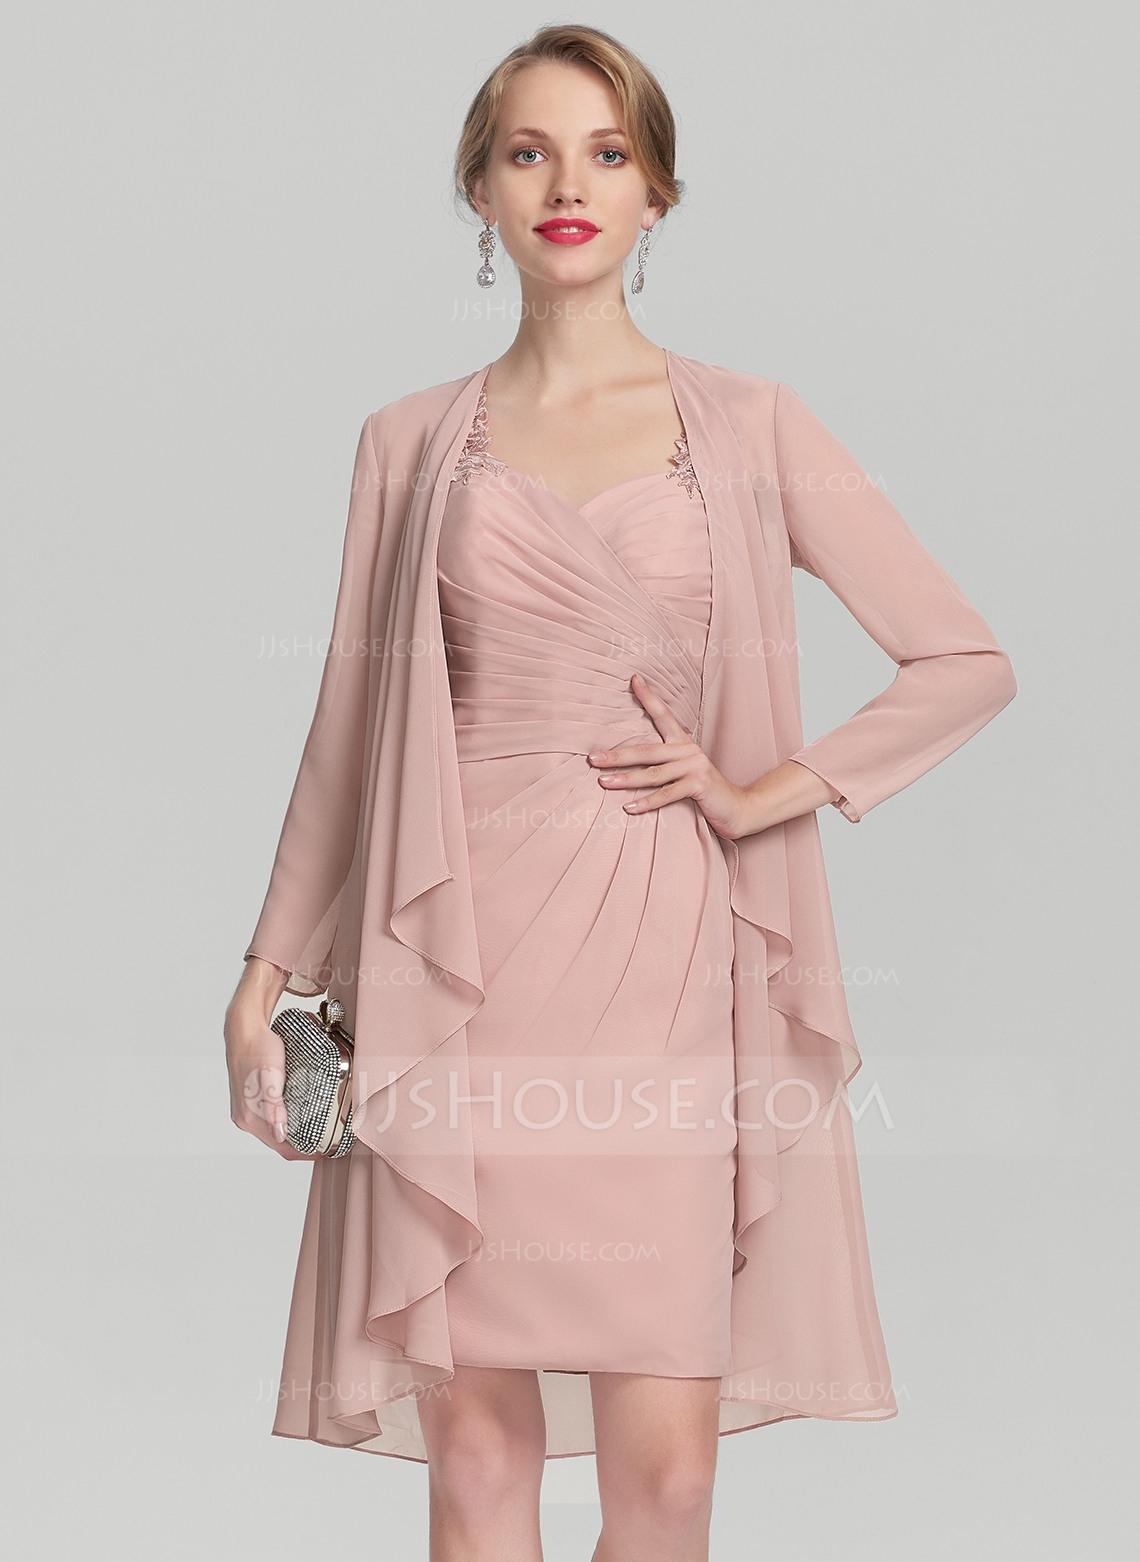 10 Schön Kleider Für Brautmutter für 201920 Fantastisch Kleider Für Brautmutter Galerie